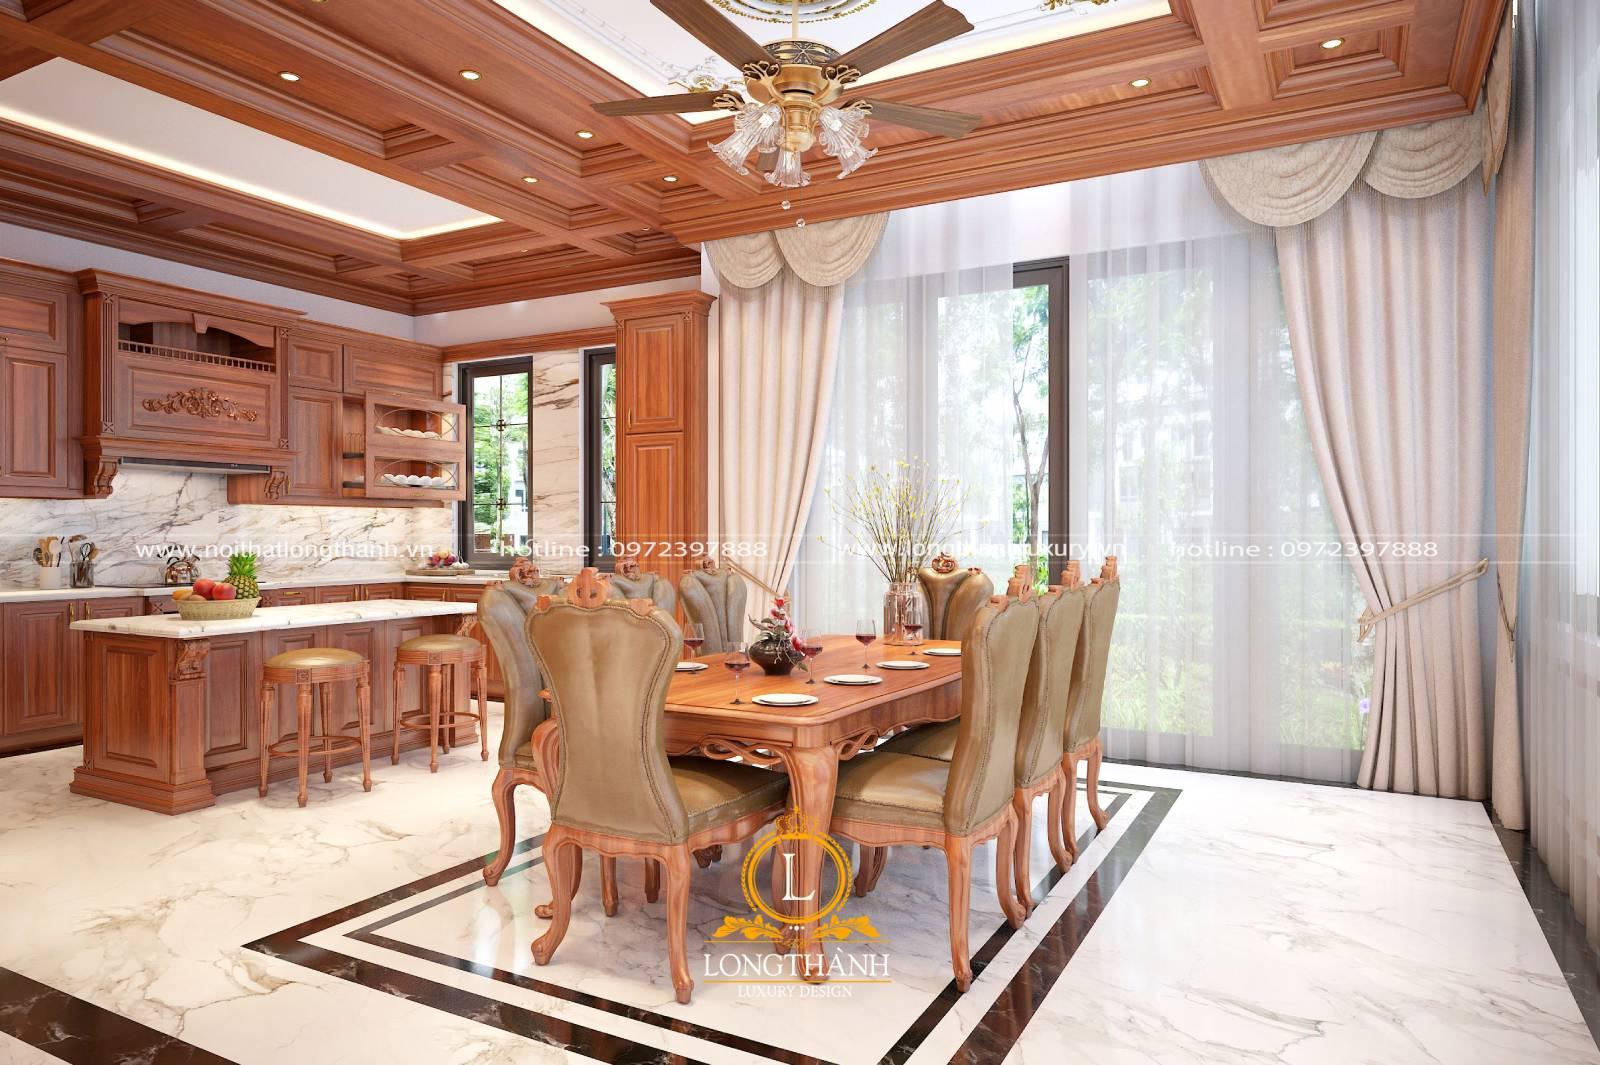 Thiết kế bàn ăn gỗ Gõ đỏ bọc da cao cấp